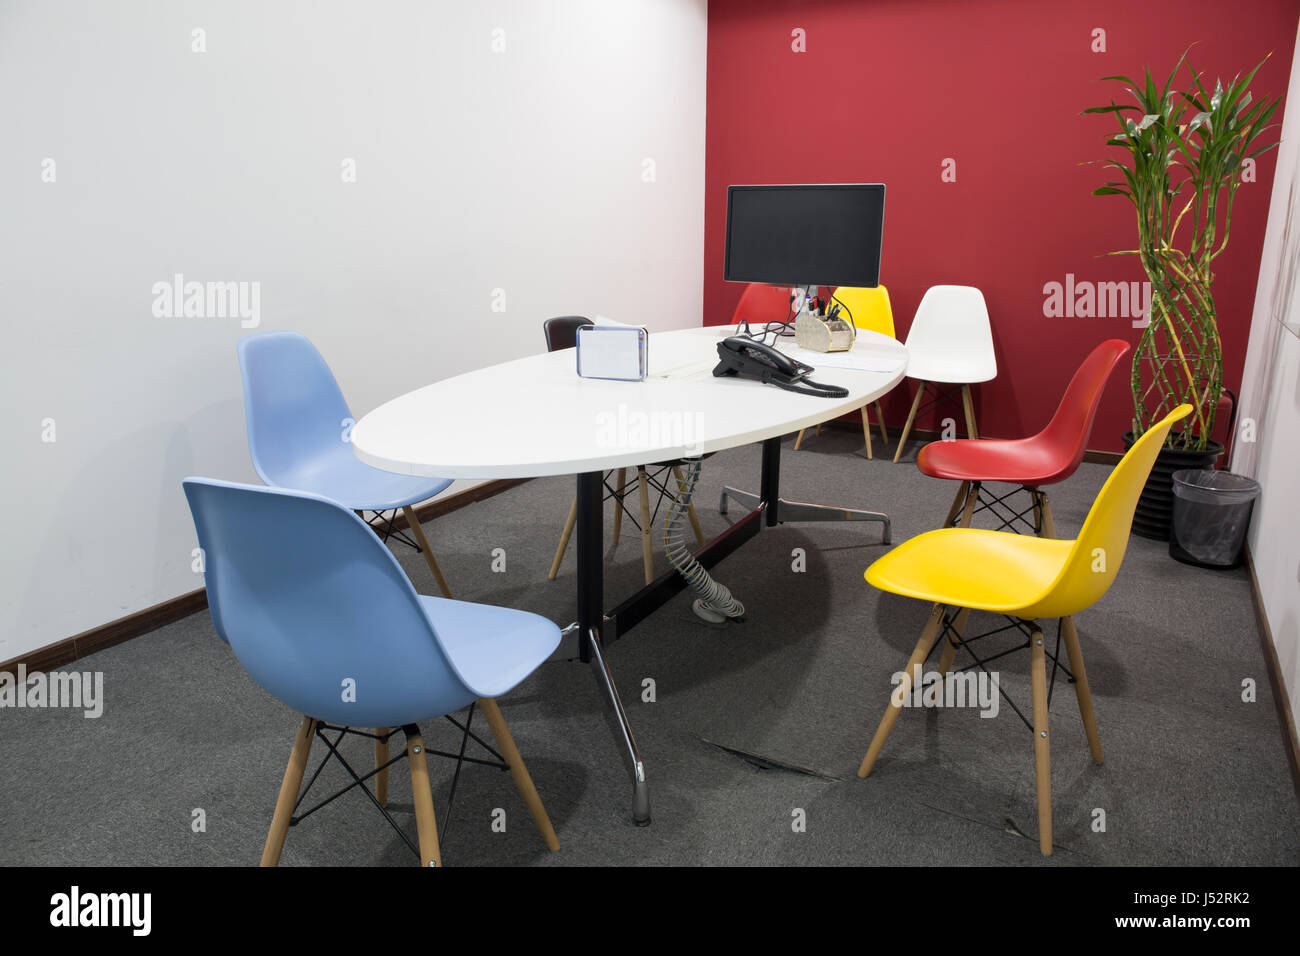 Beeindruckend Bunte Stühle Galerie Von Büro Leer Tagungsraum Mit Flüssigkristall-anzeige Und Telefon.